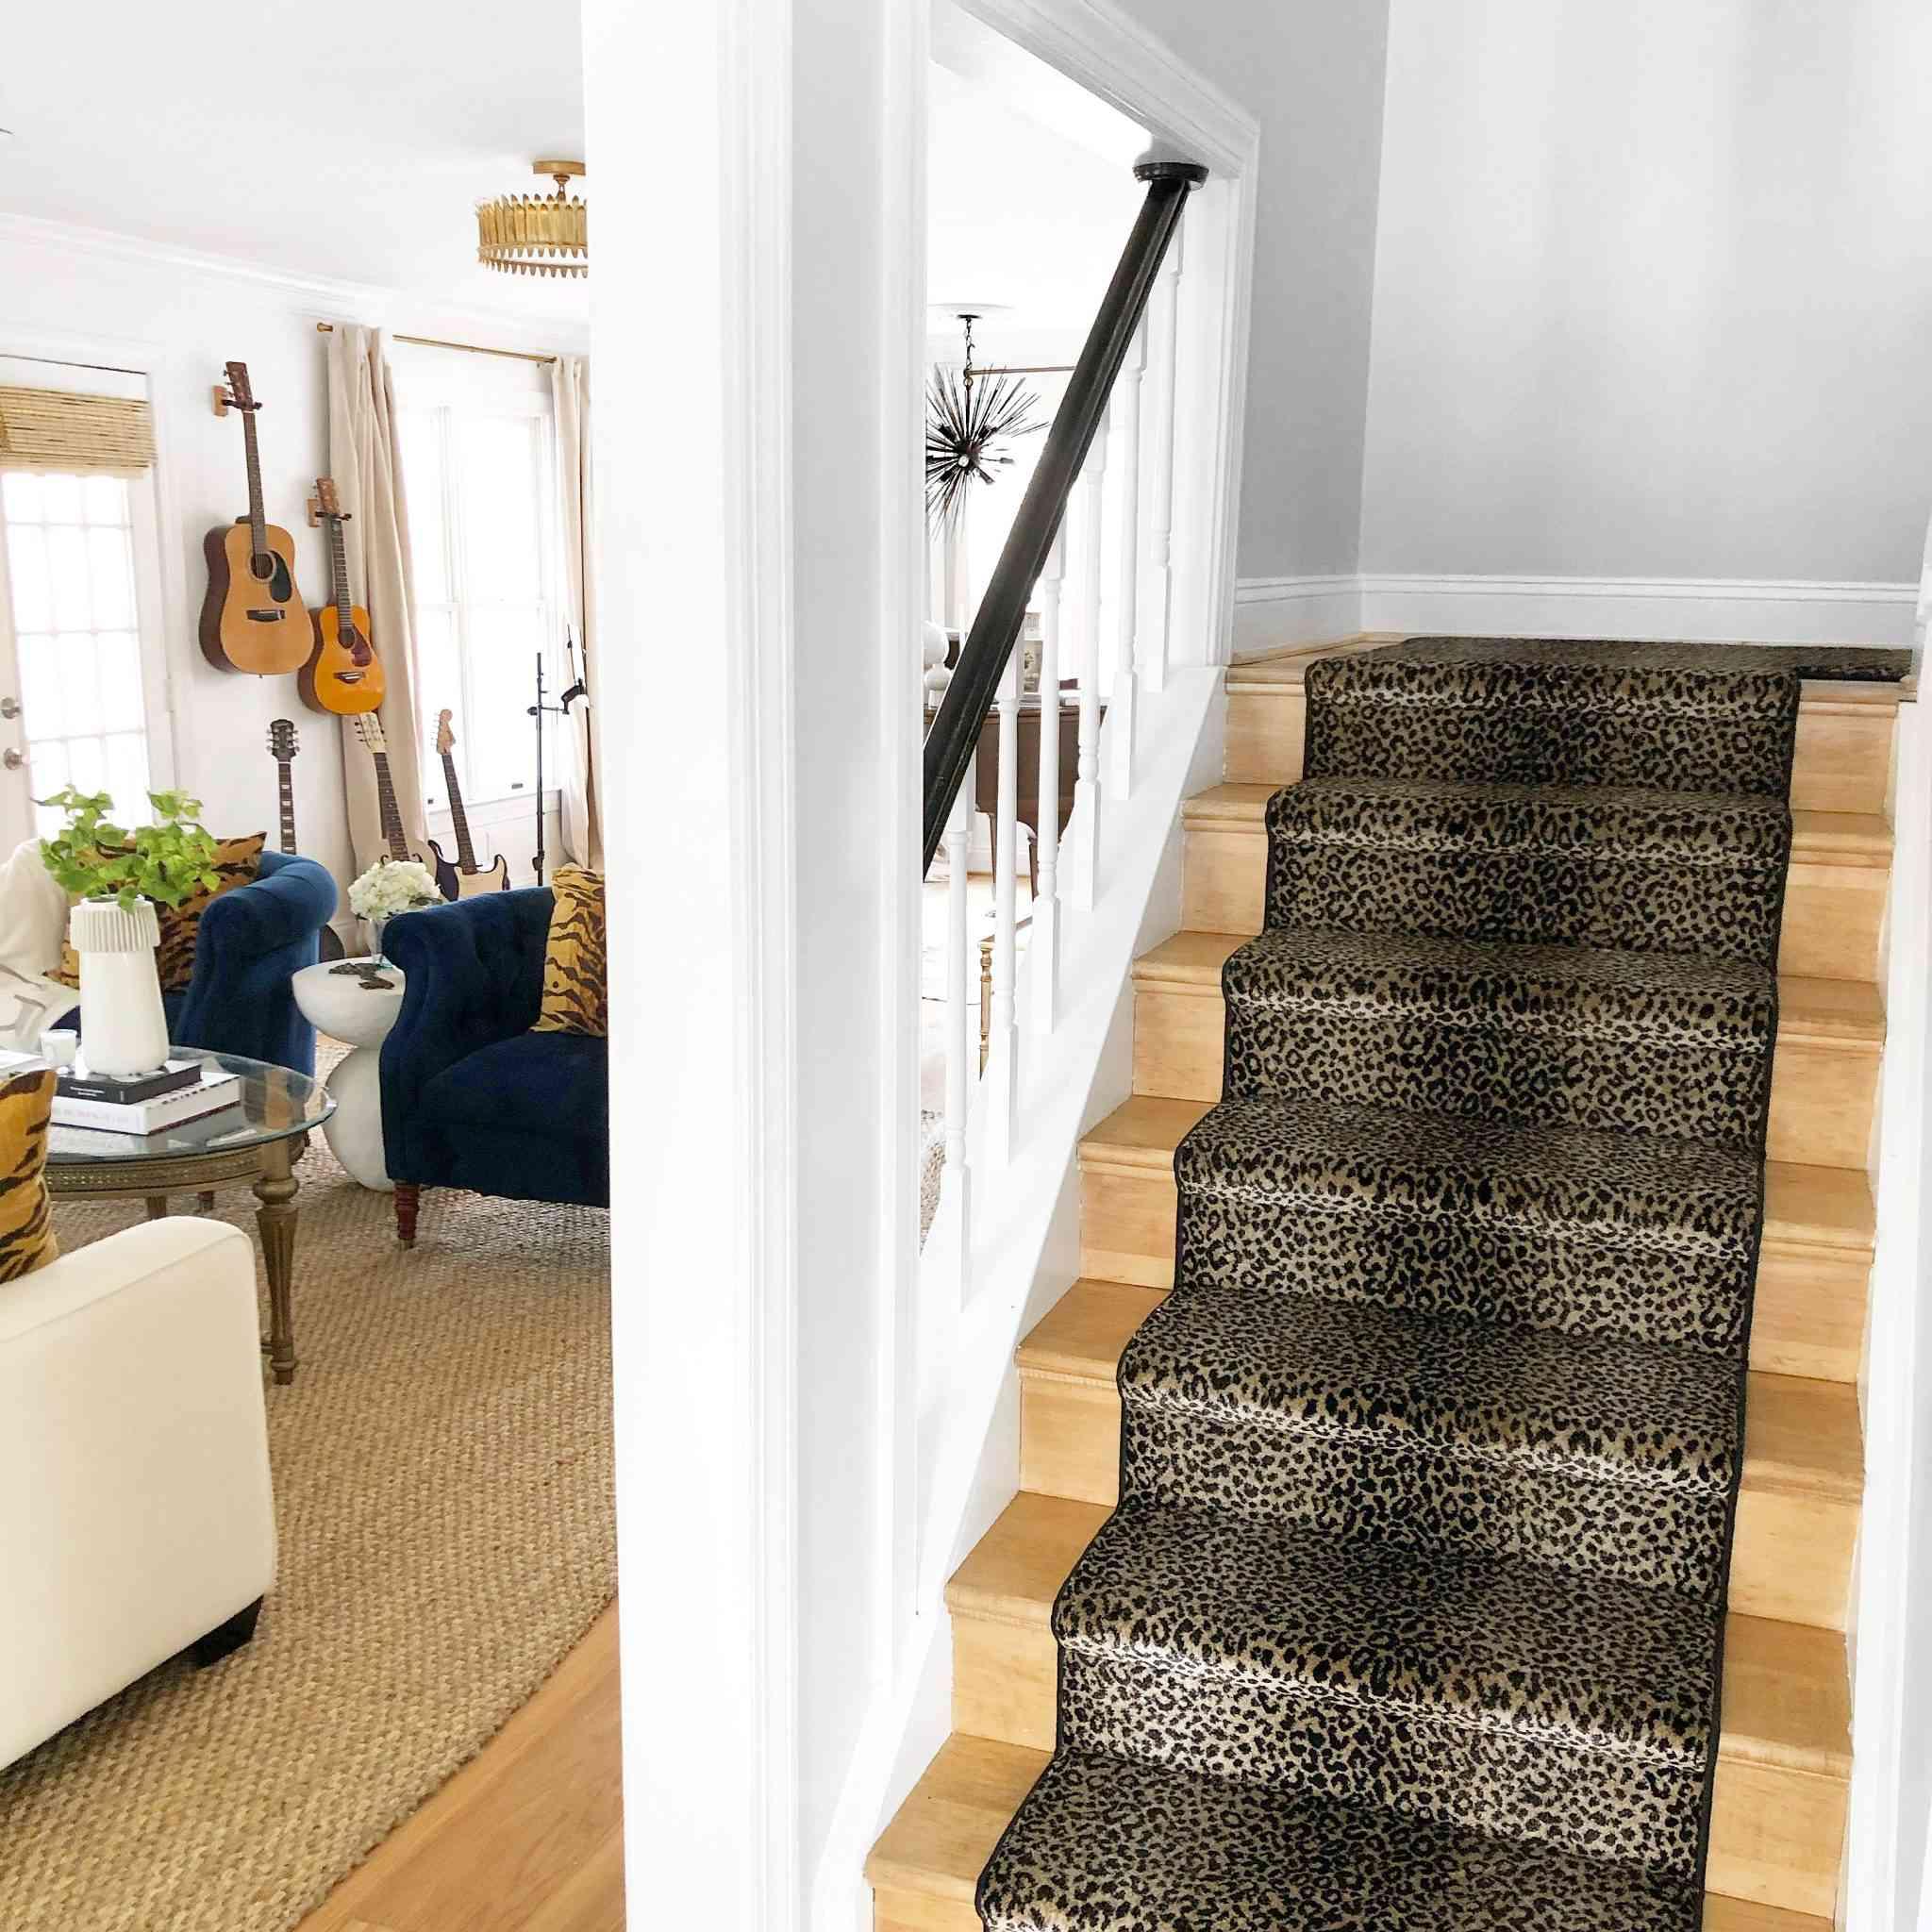 Cheetah print staircase runner